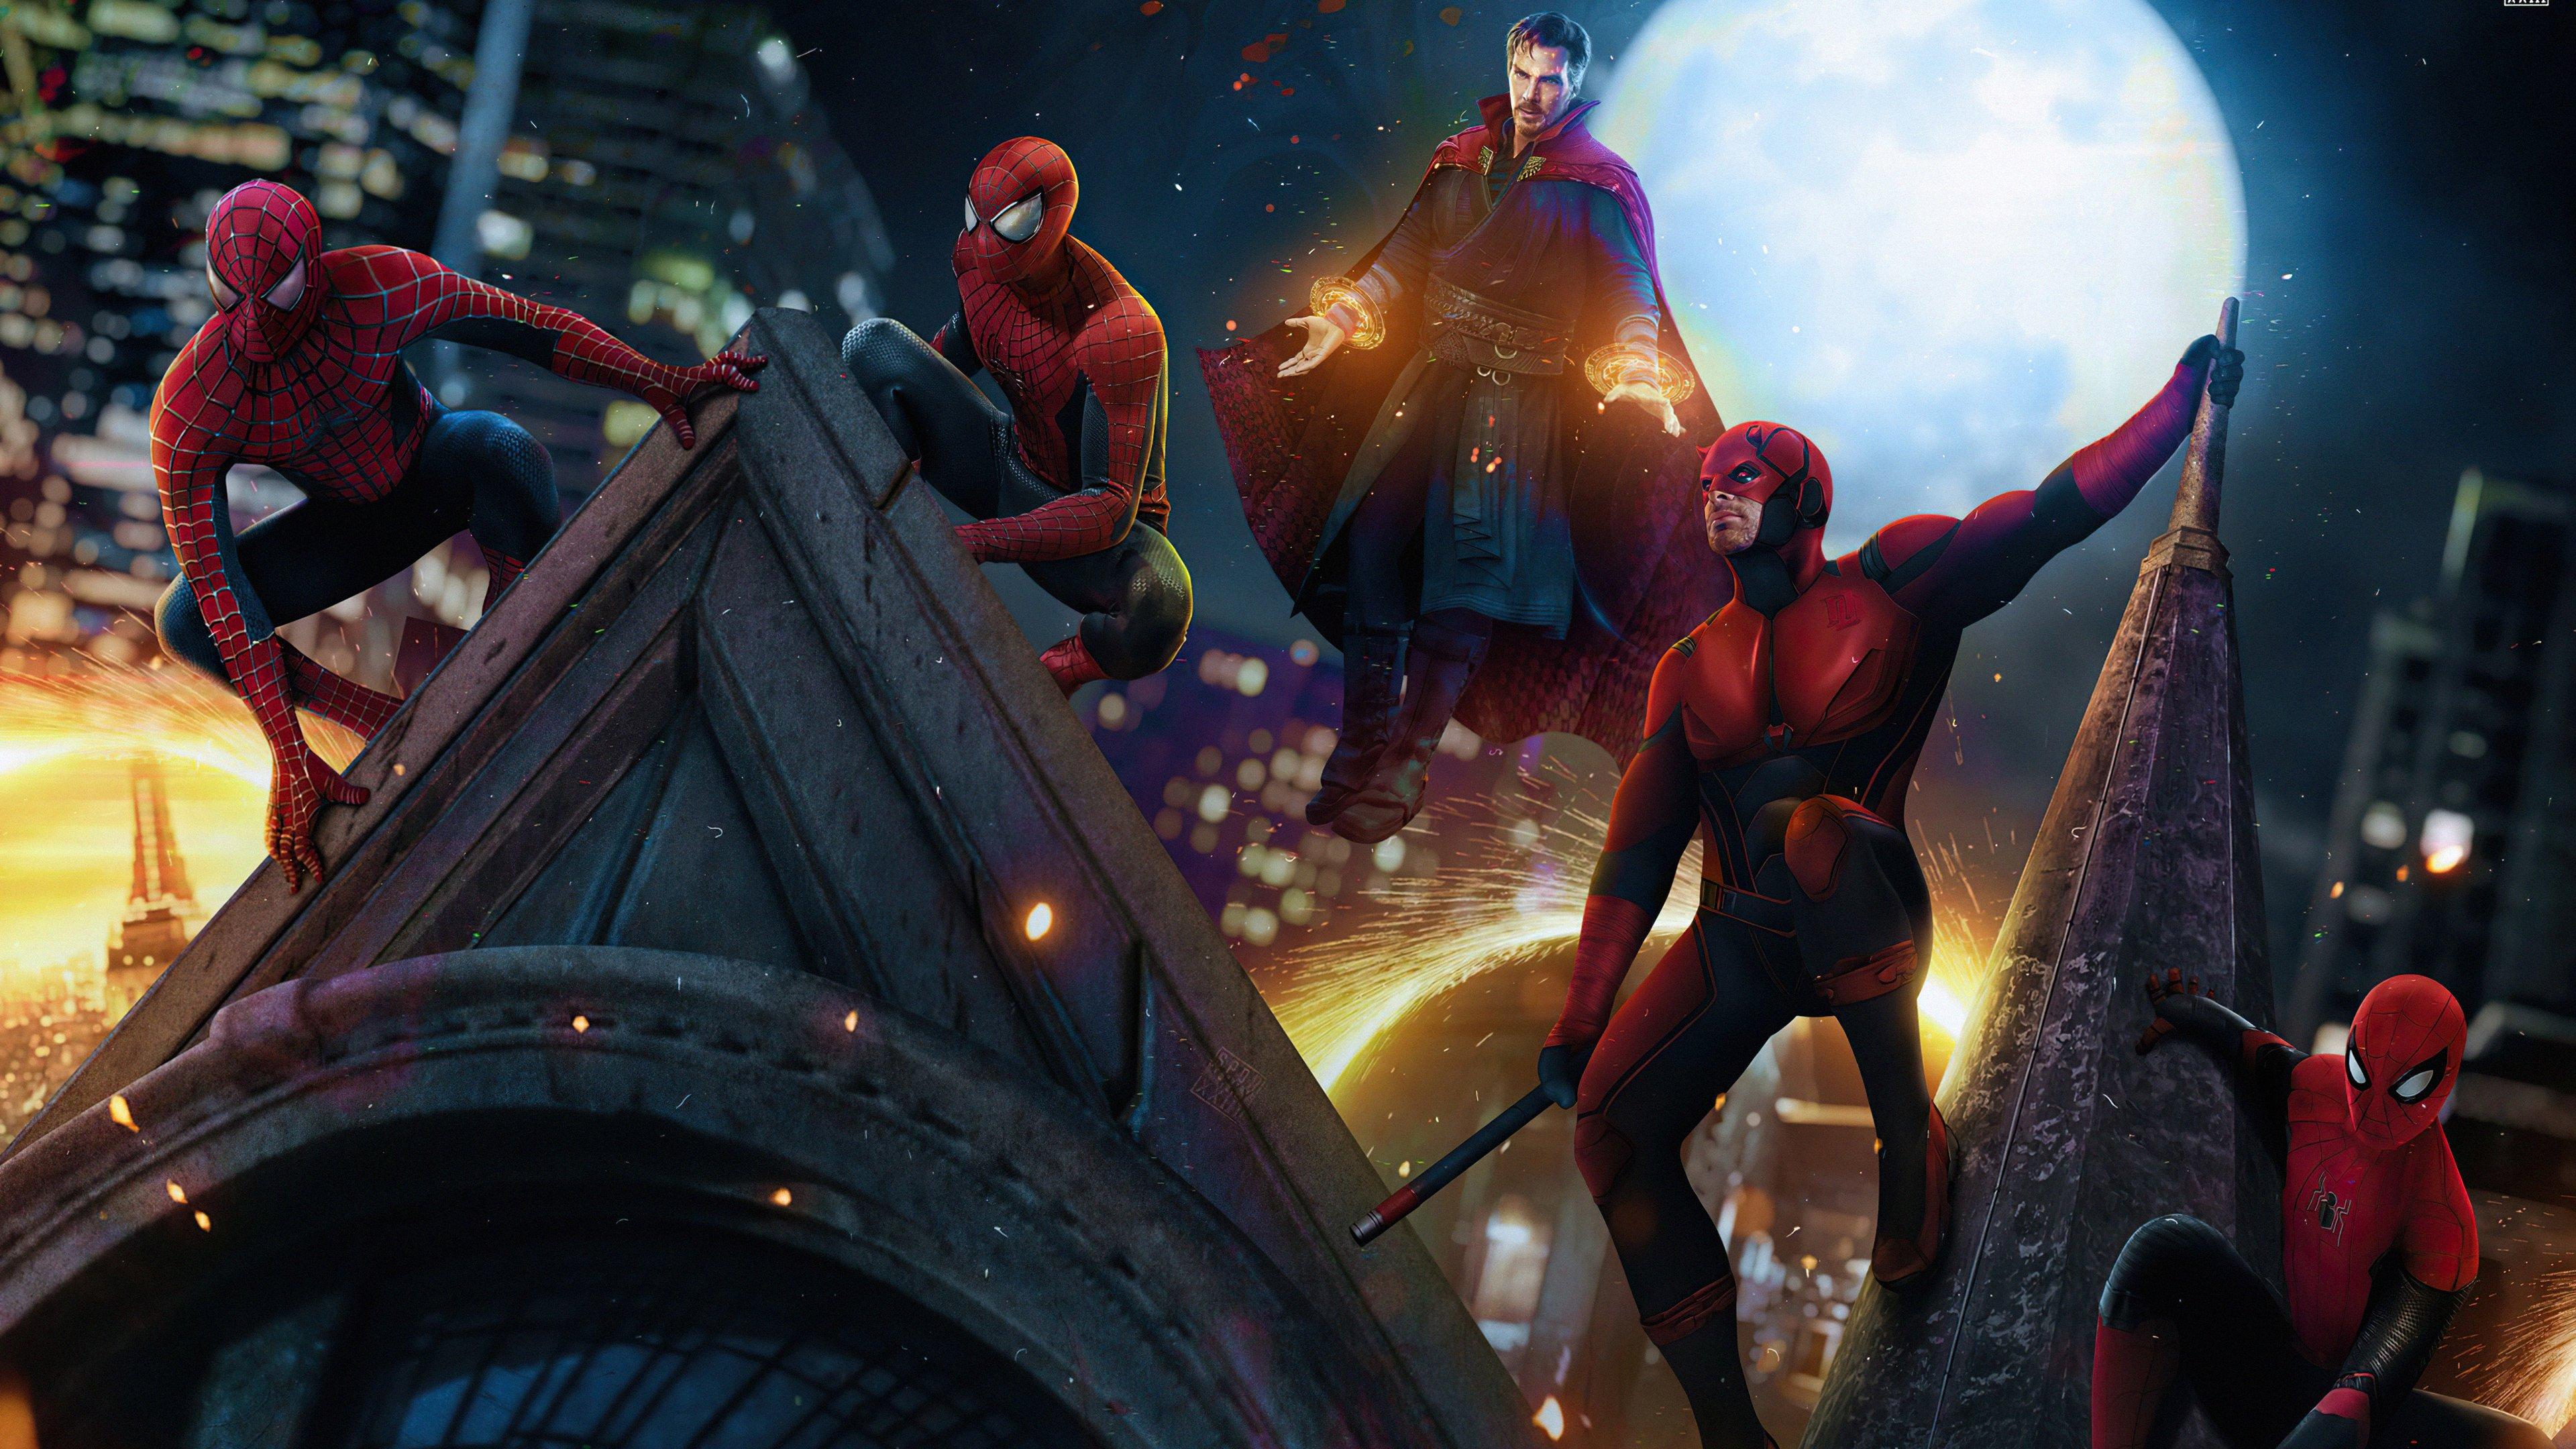 Fondos de pantalla Doctor Strange, Daredevil y Hombres araña en No Way Home